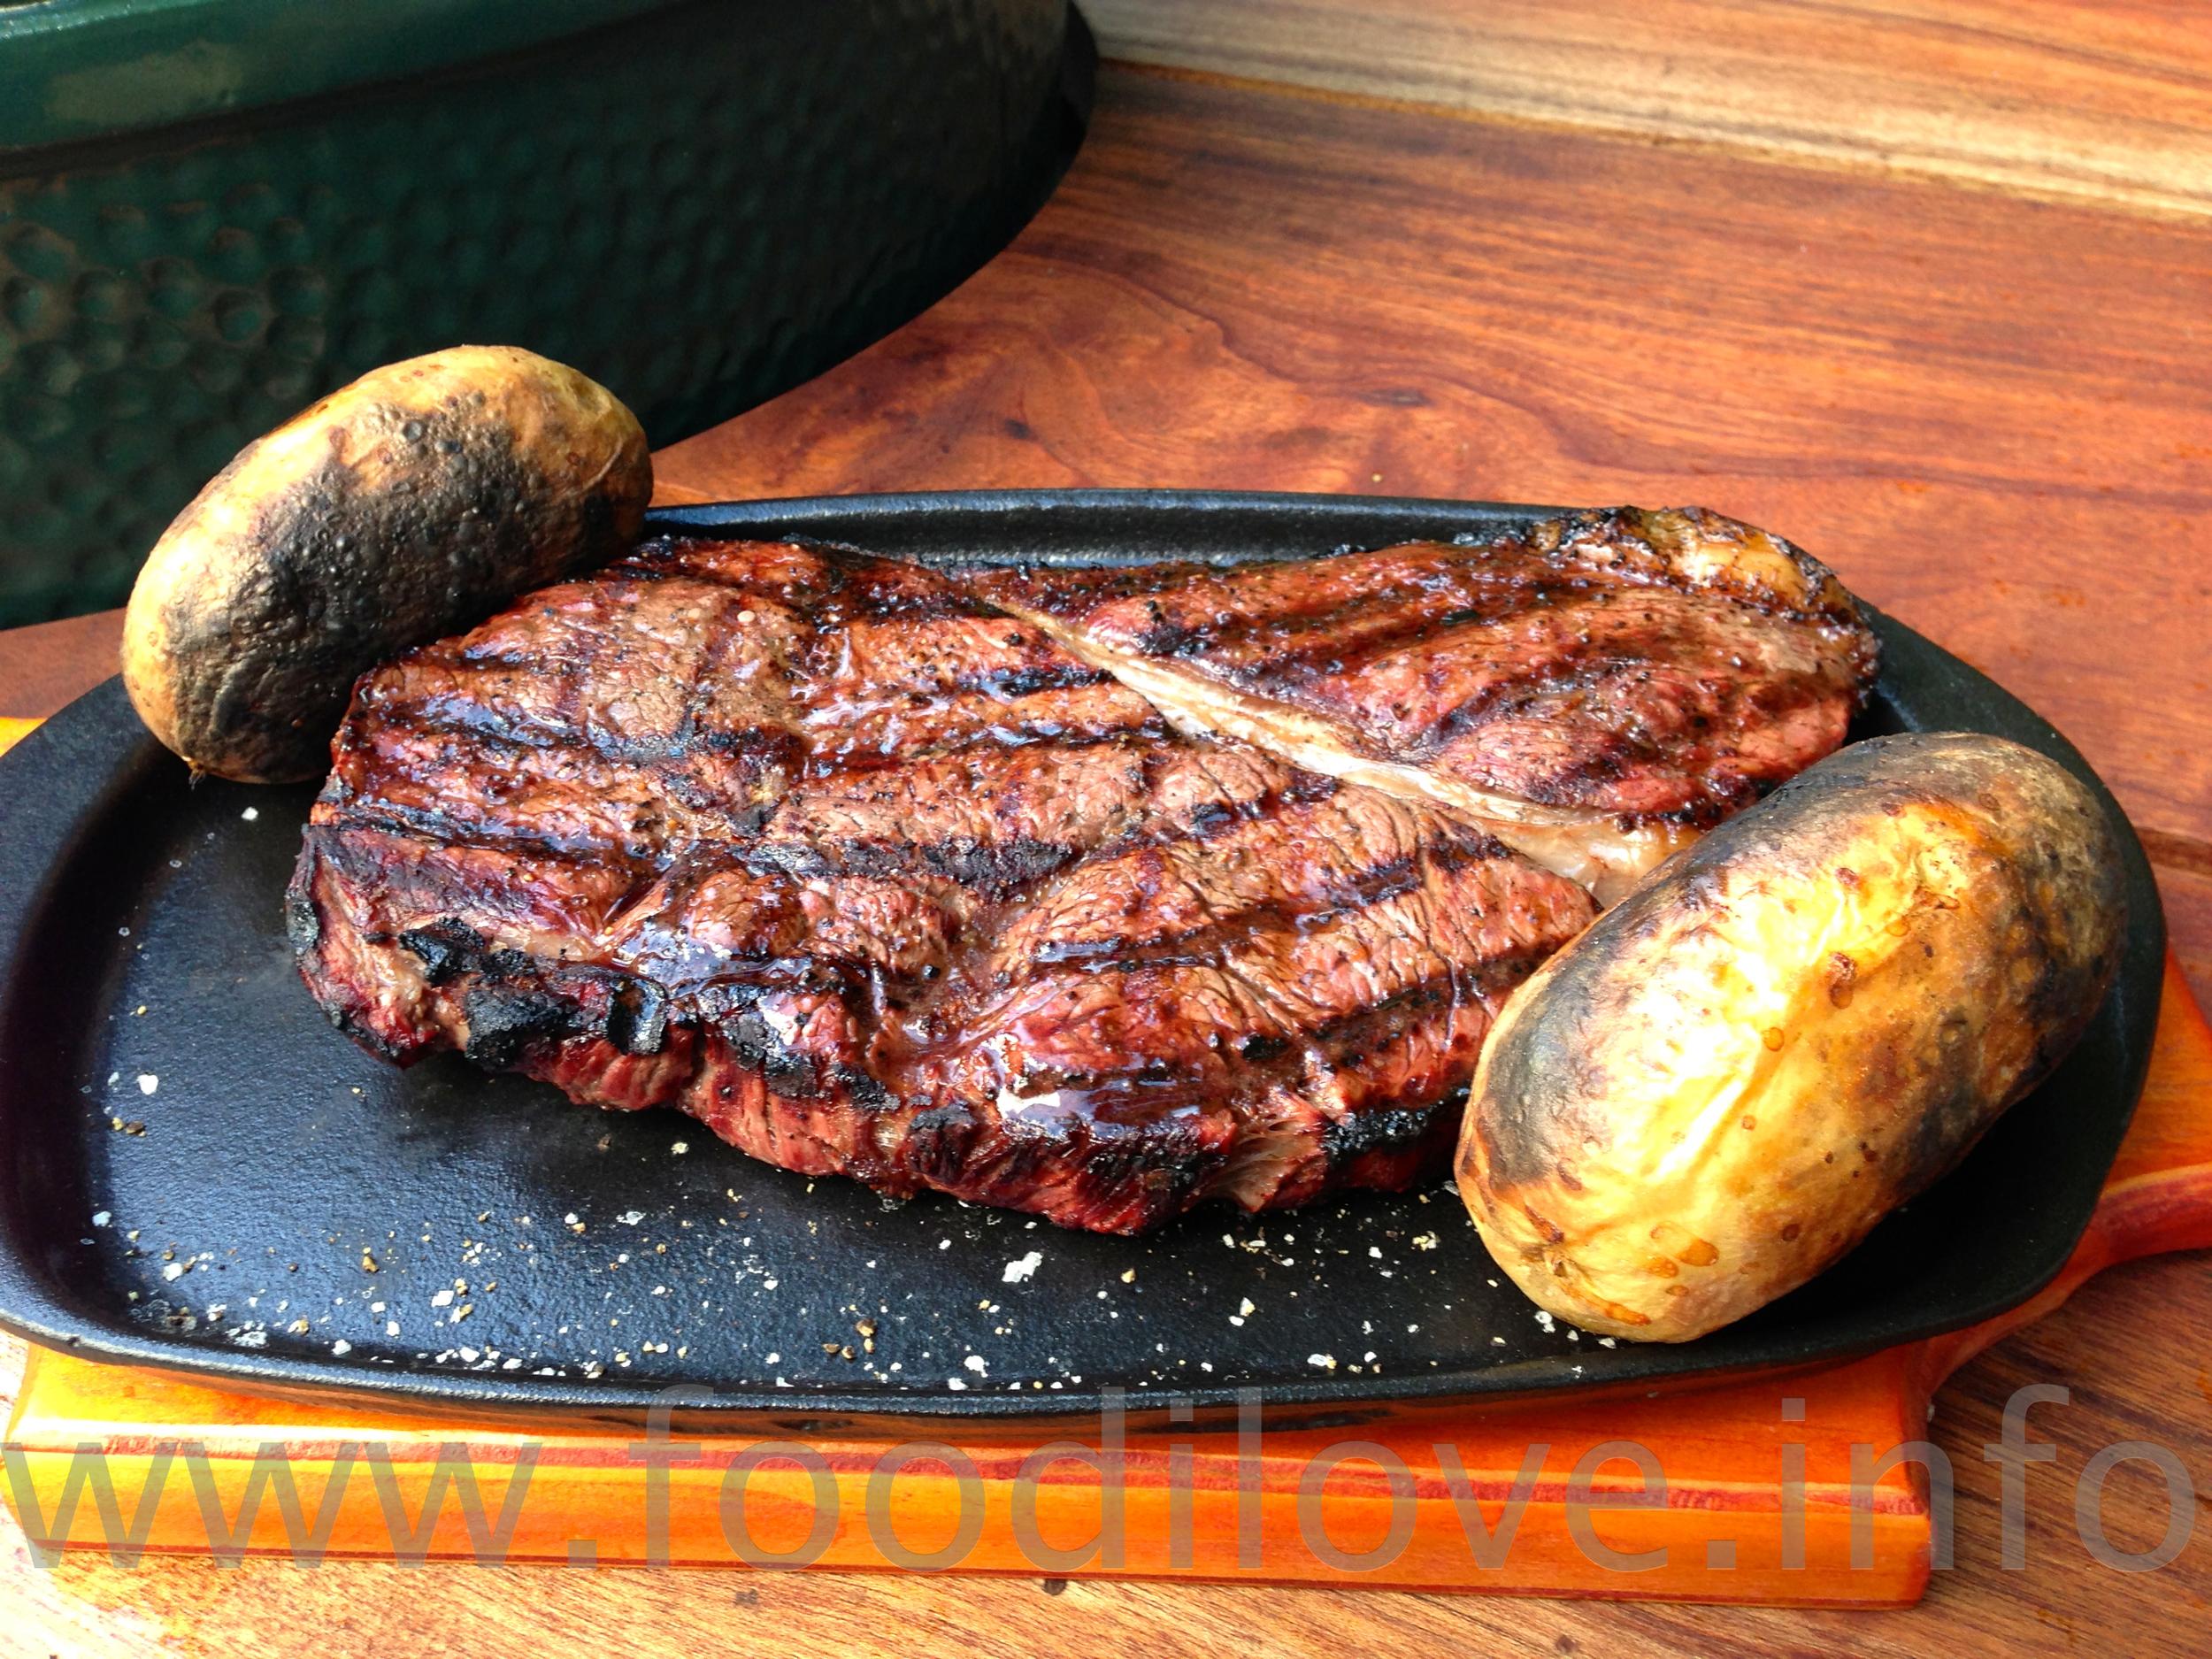 Texan Steak, Blue Bull Steaks or even a Heinke Steek